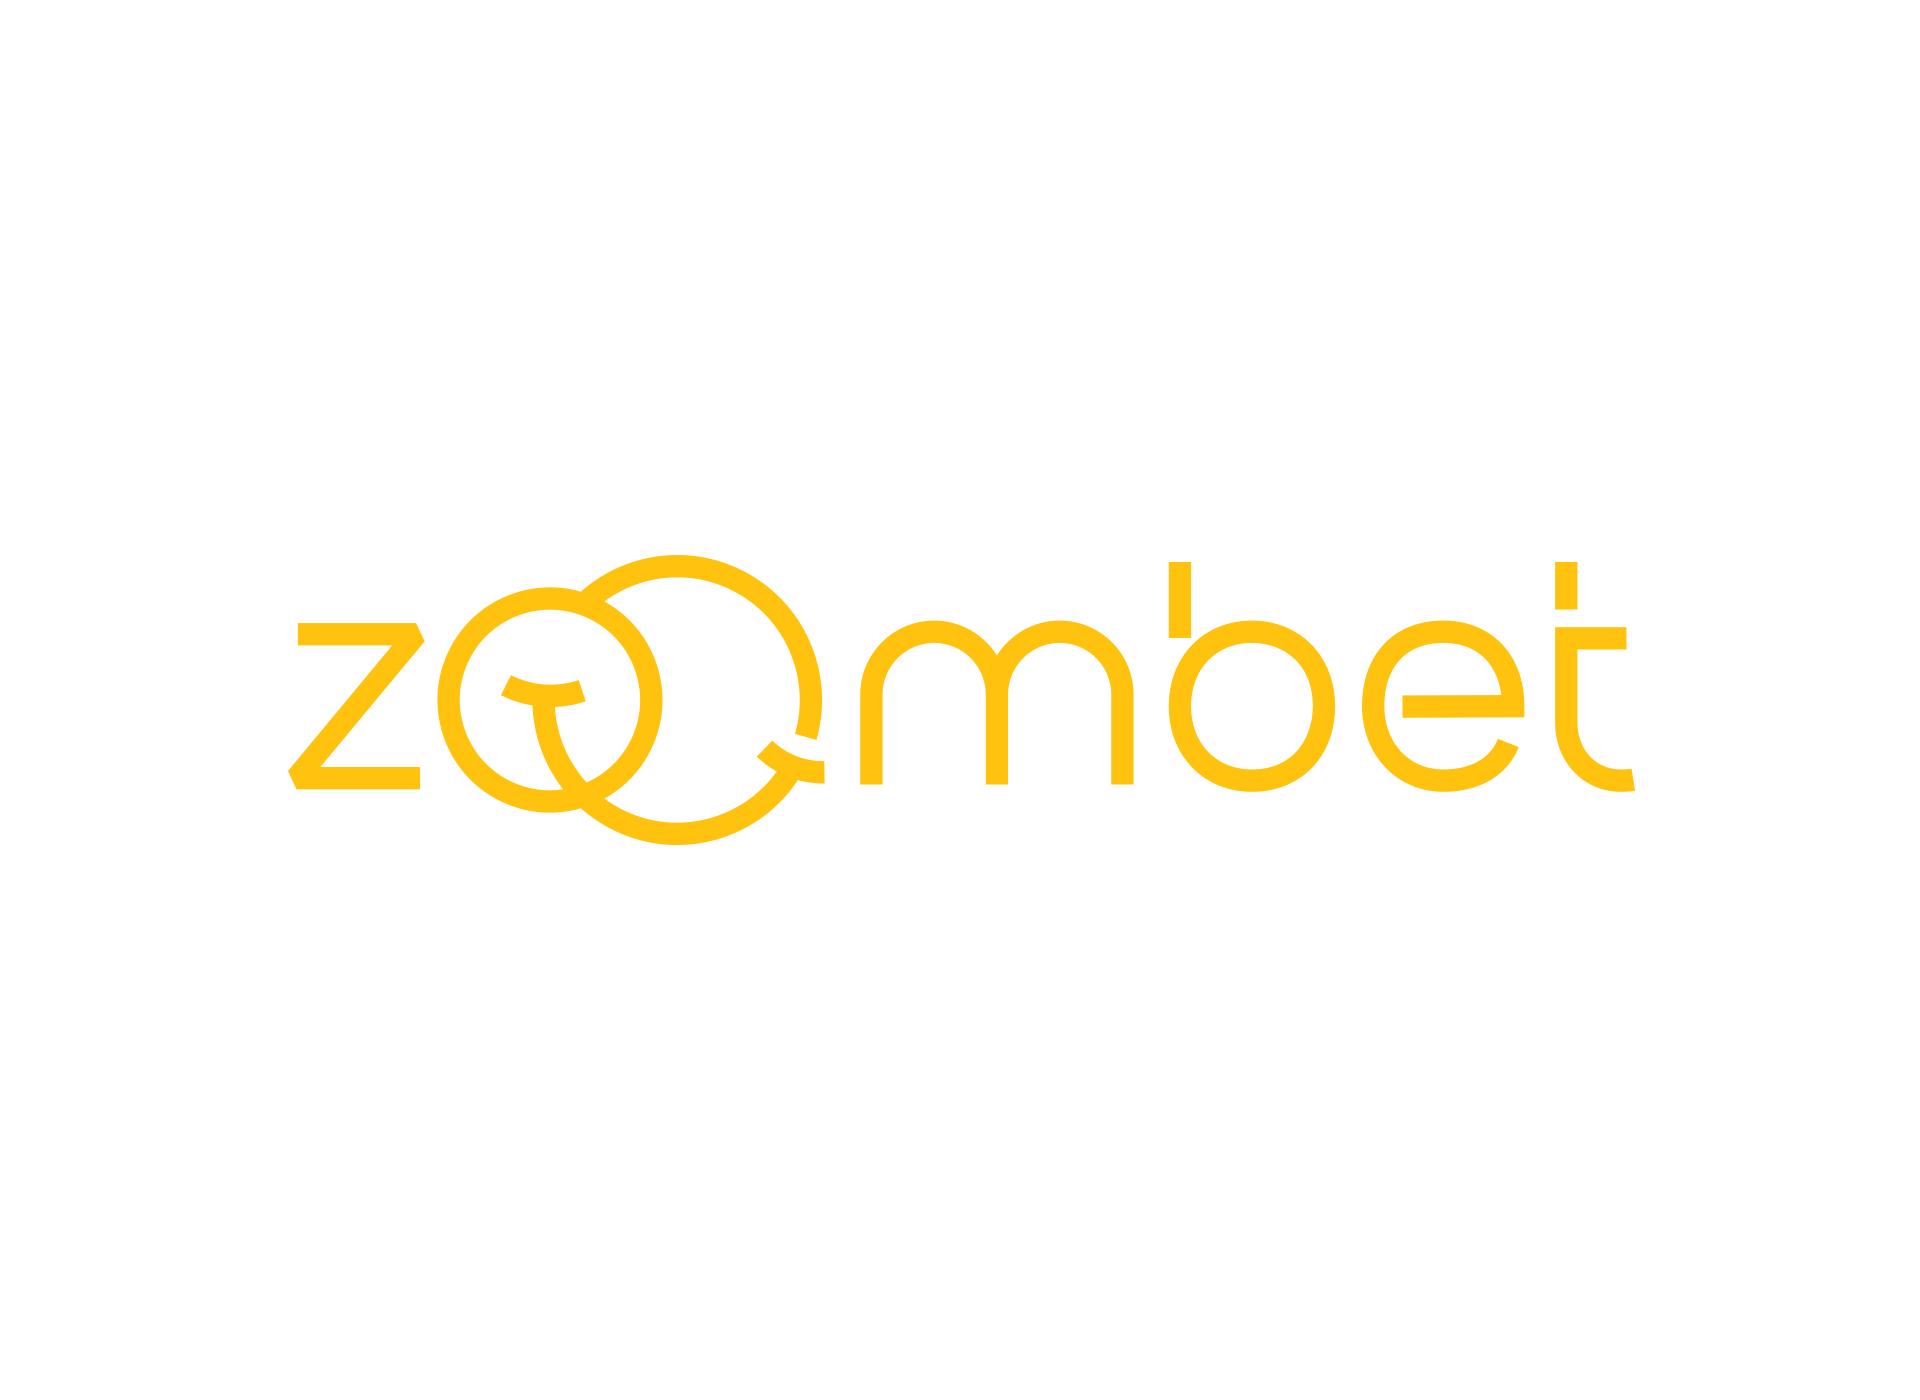 zoombet logo portfolio design by inoveo